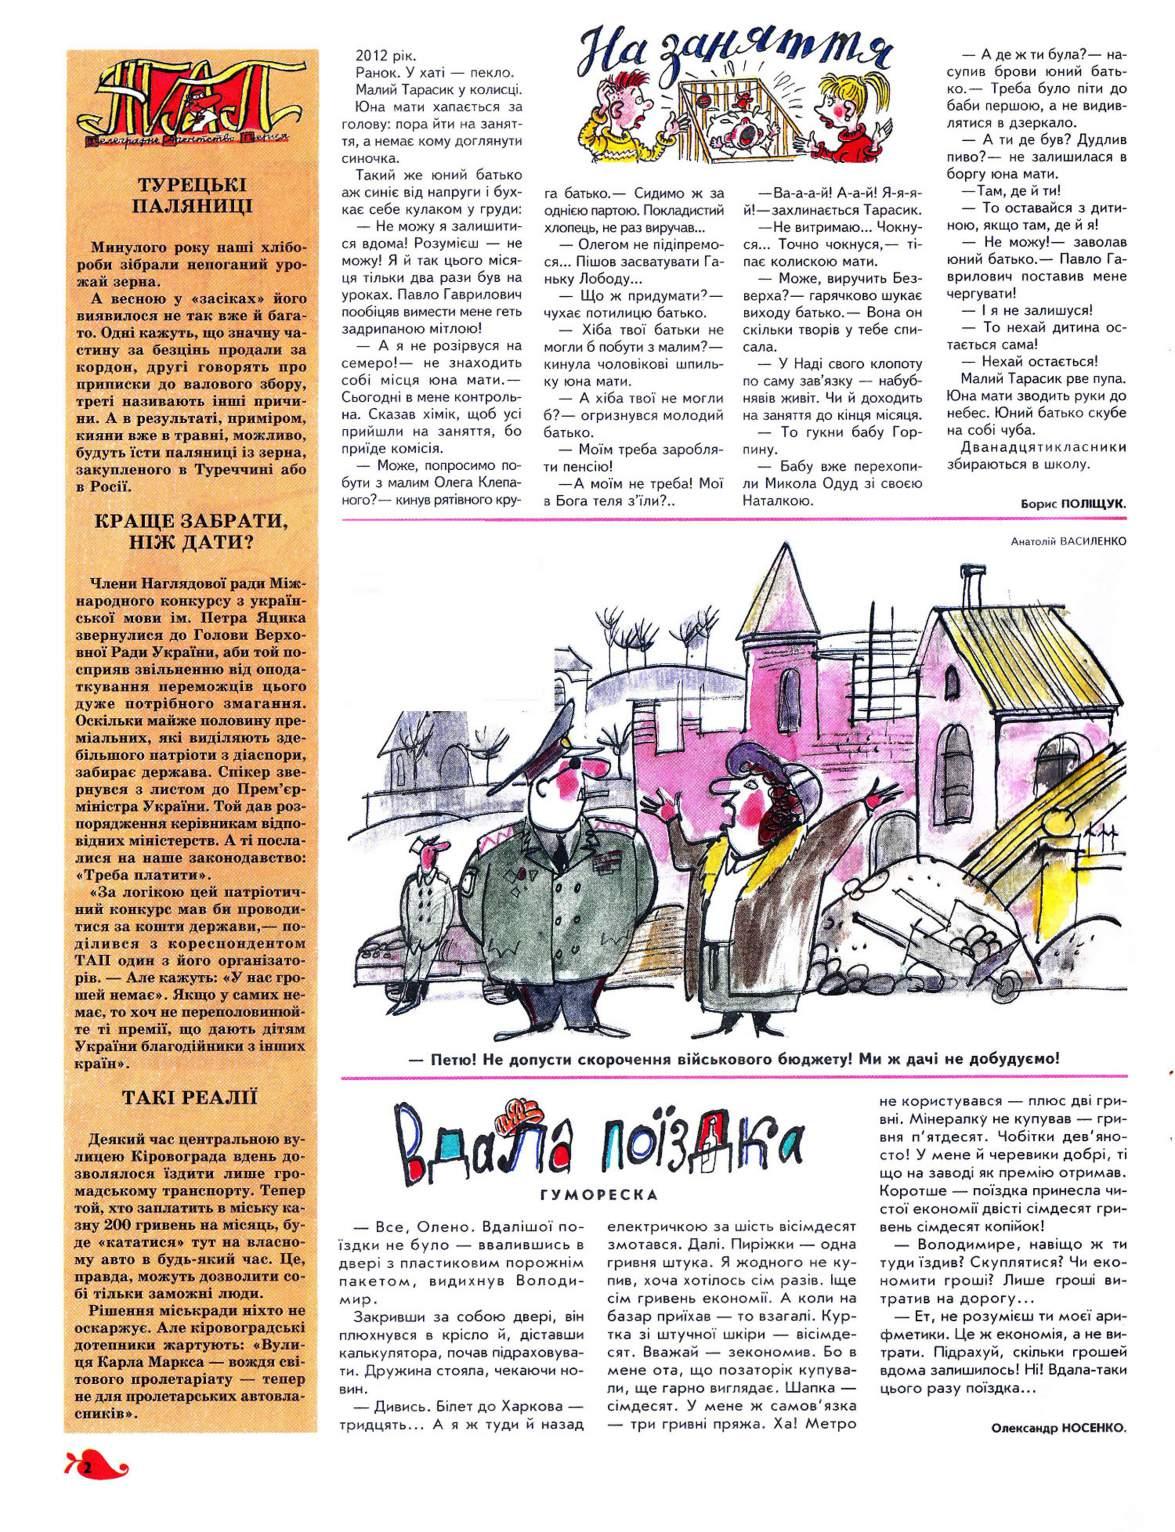 Журнал перець 2003 №04